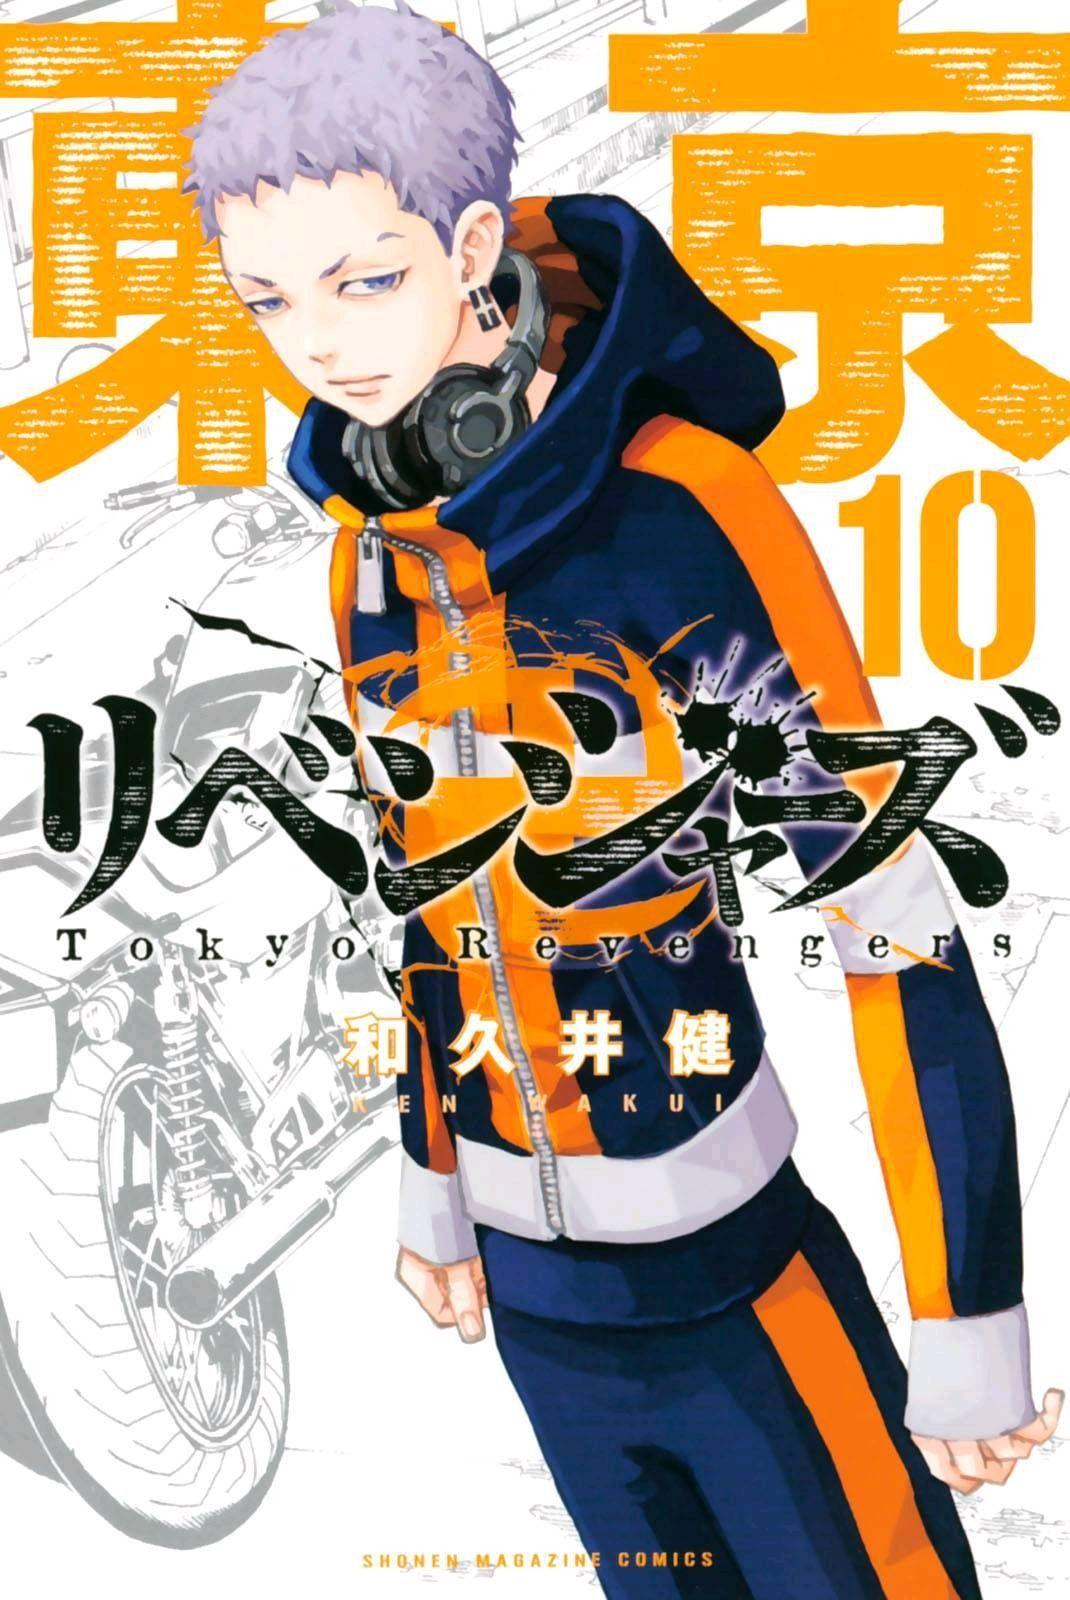 Tokyo Revengers Manga Covers Manga Tokyo